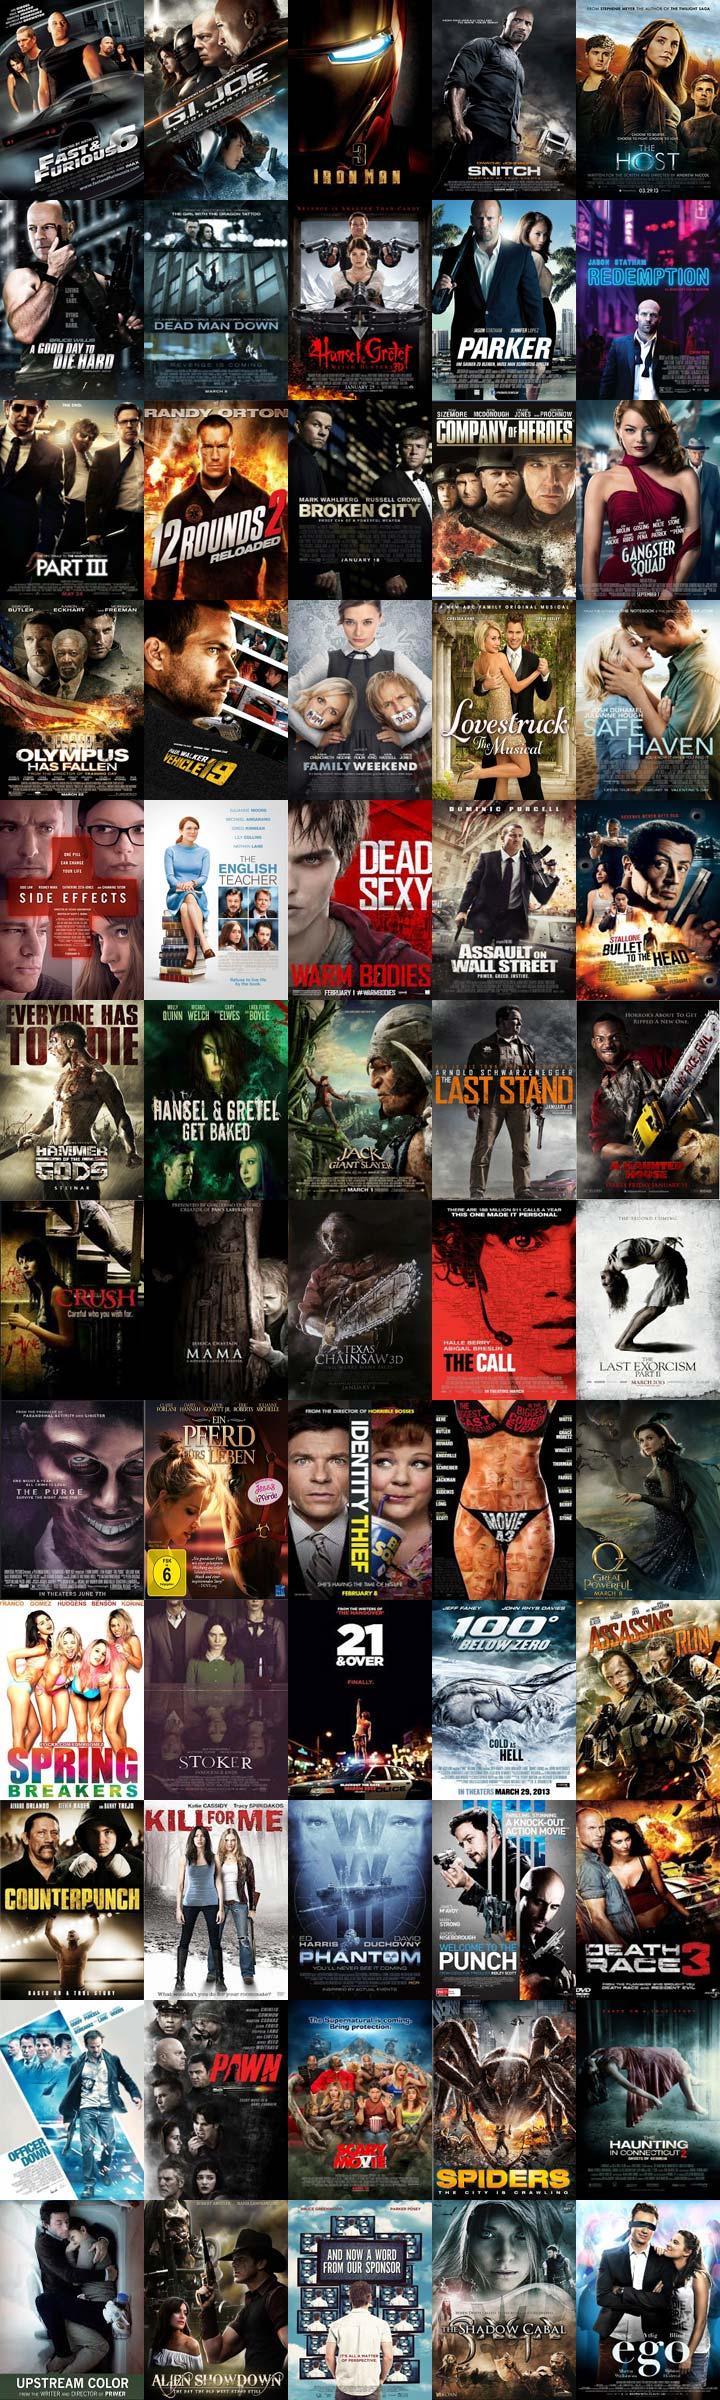 پکیج فیلمهای 2013 با کیفیت بلوری